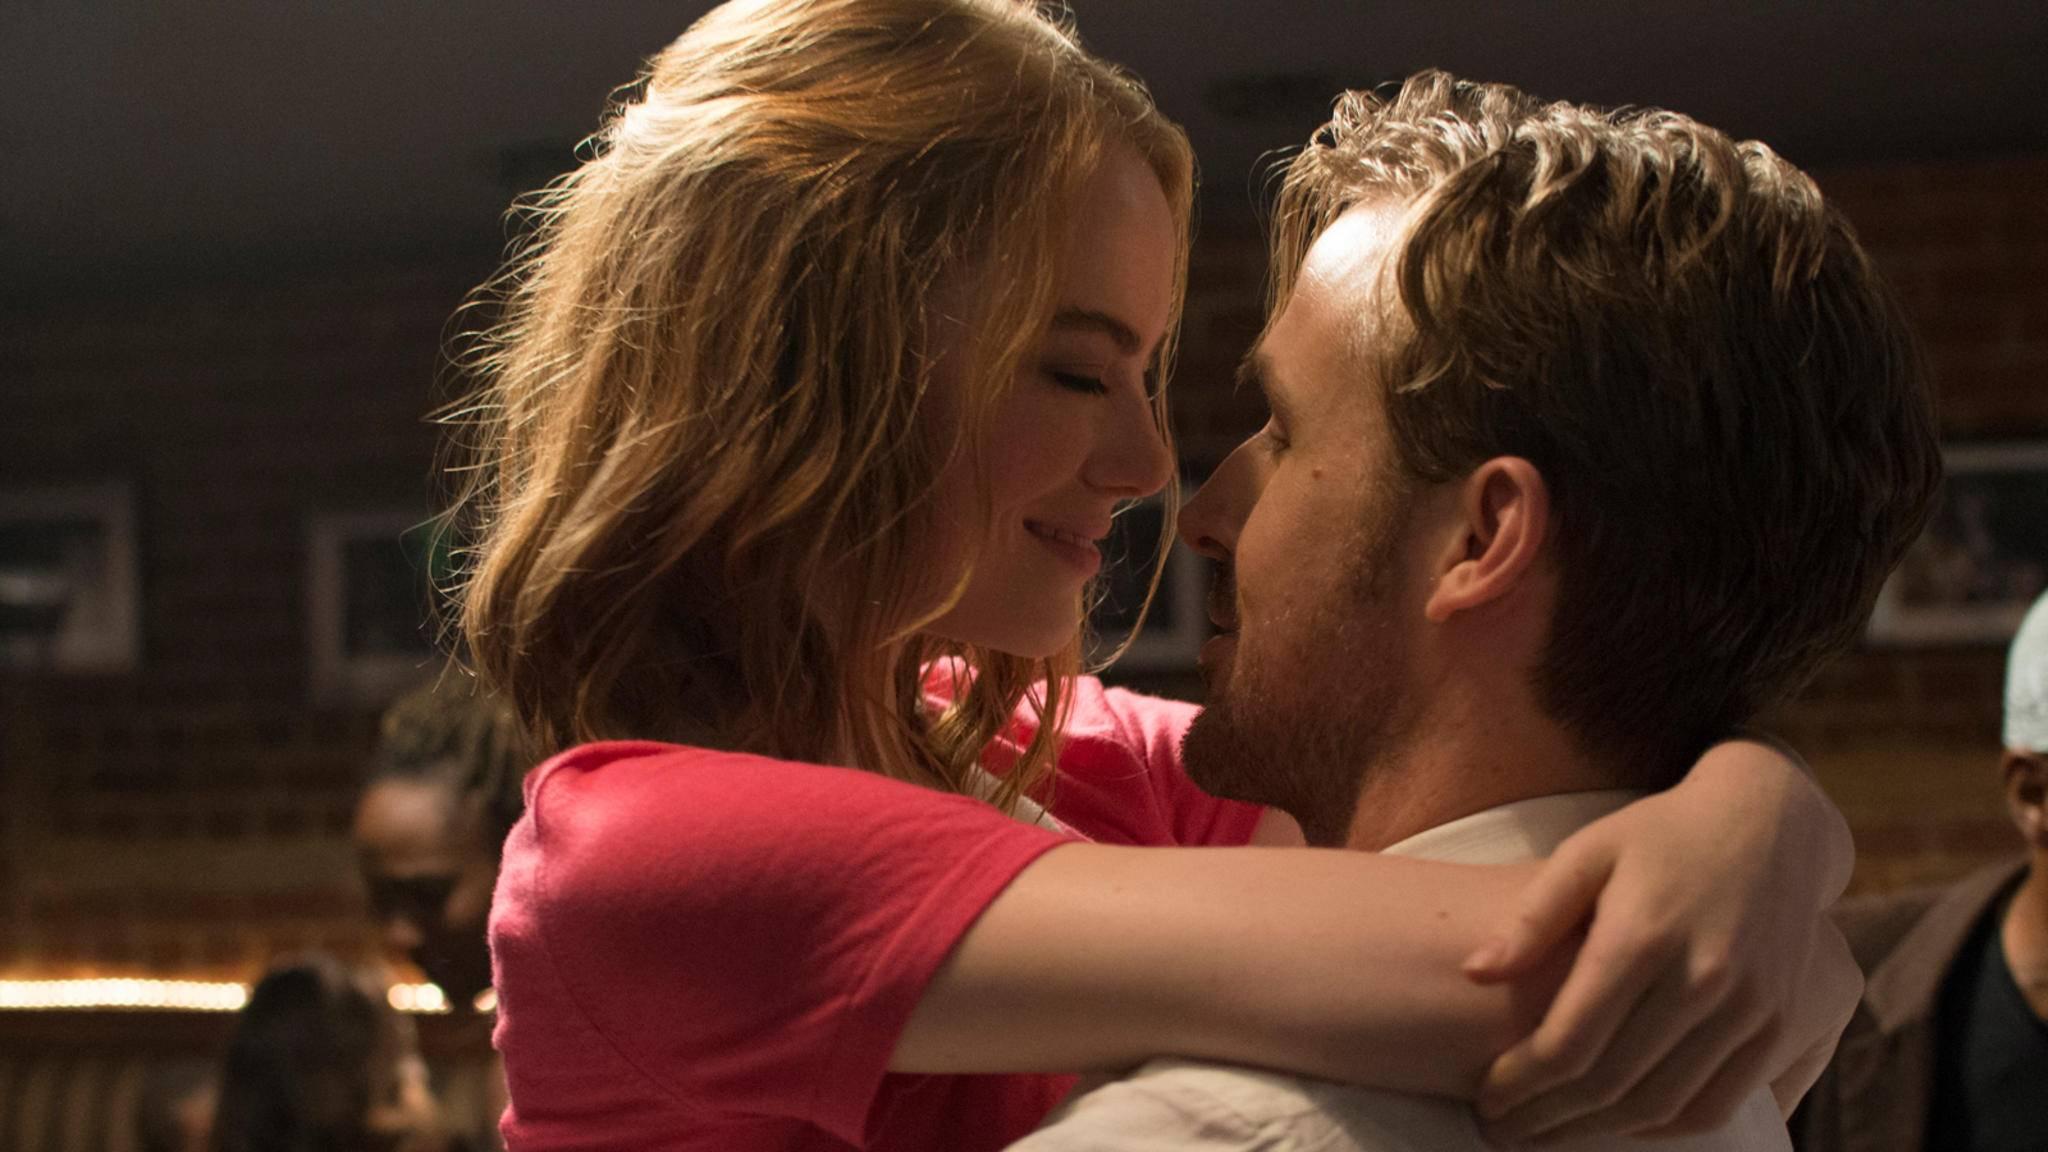 Einmal mehr geben Emma Stone und Ryan Gosling ein traumhaftes Paar auf der Leinwand ab.